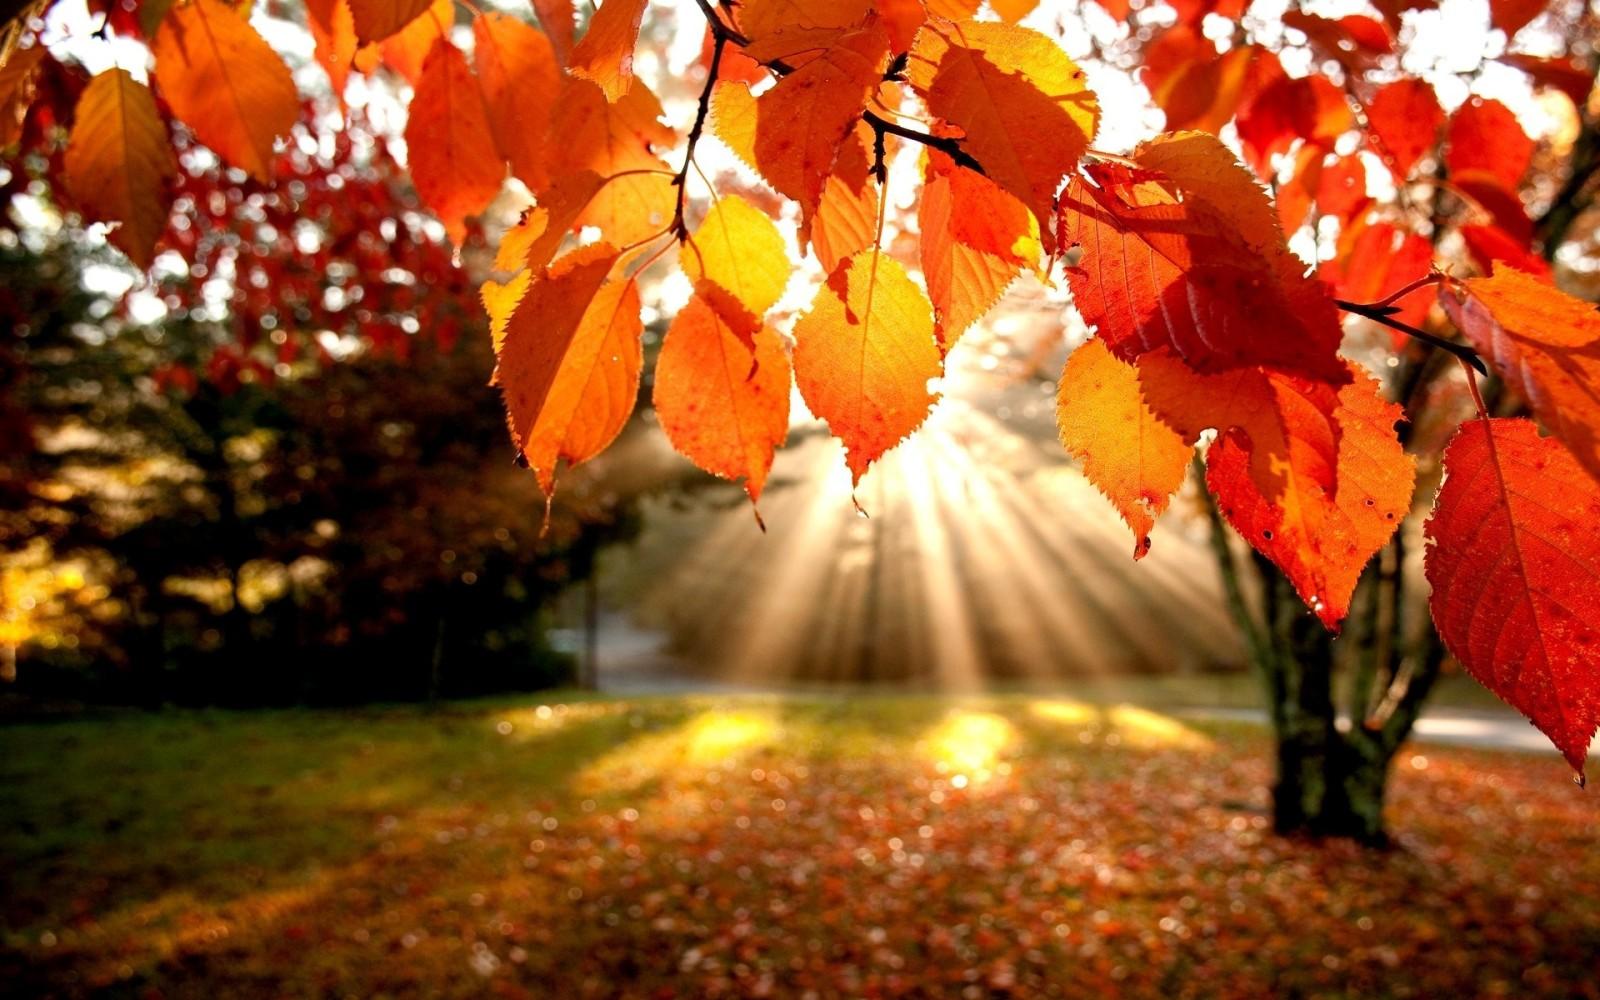 foto de Fond d'écran automne hd gratuit - Fond d'écran hd